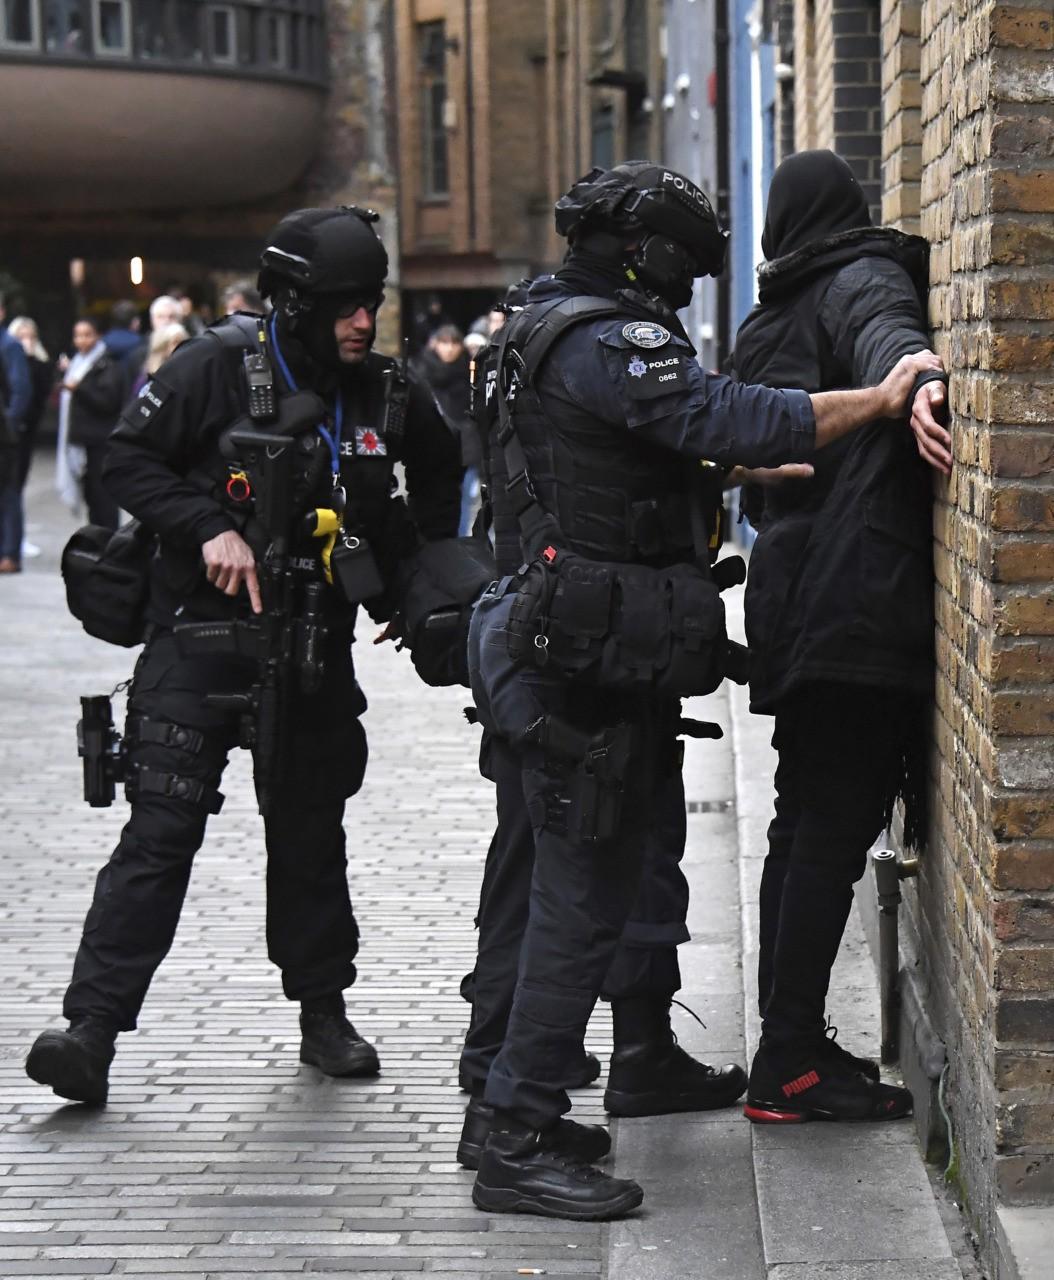 AP 19333557396863 - Police Shoot Knifeman, Several Injured